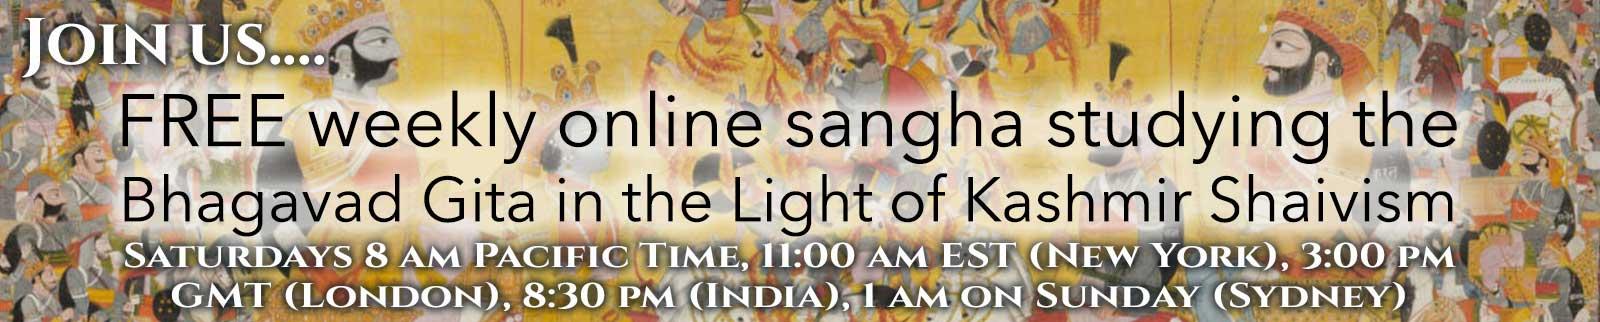 FREE weekly Sangha